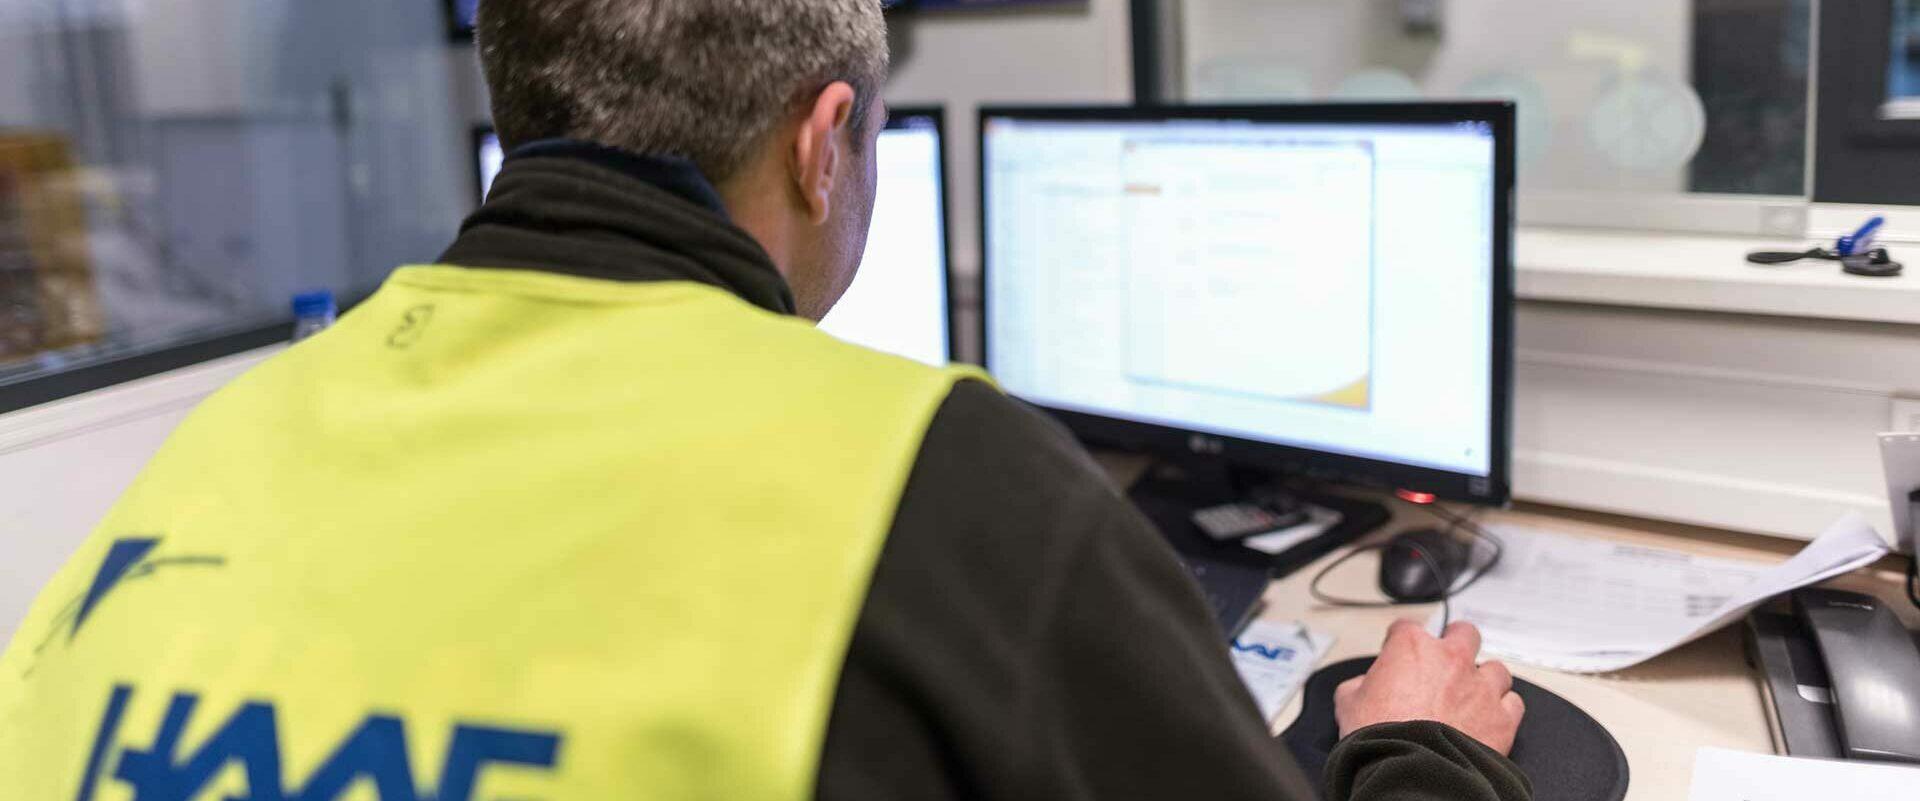 Mitarbeiter des Logistic Consulting